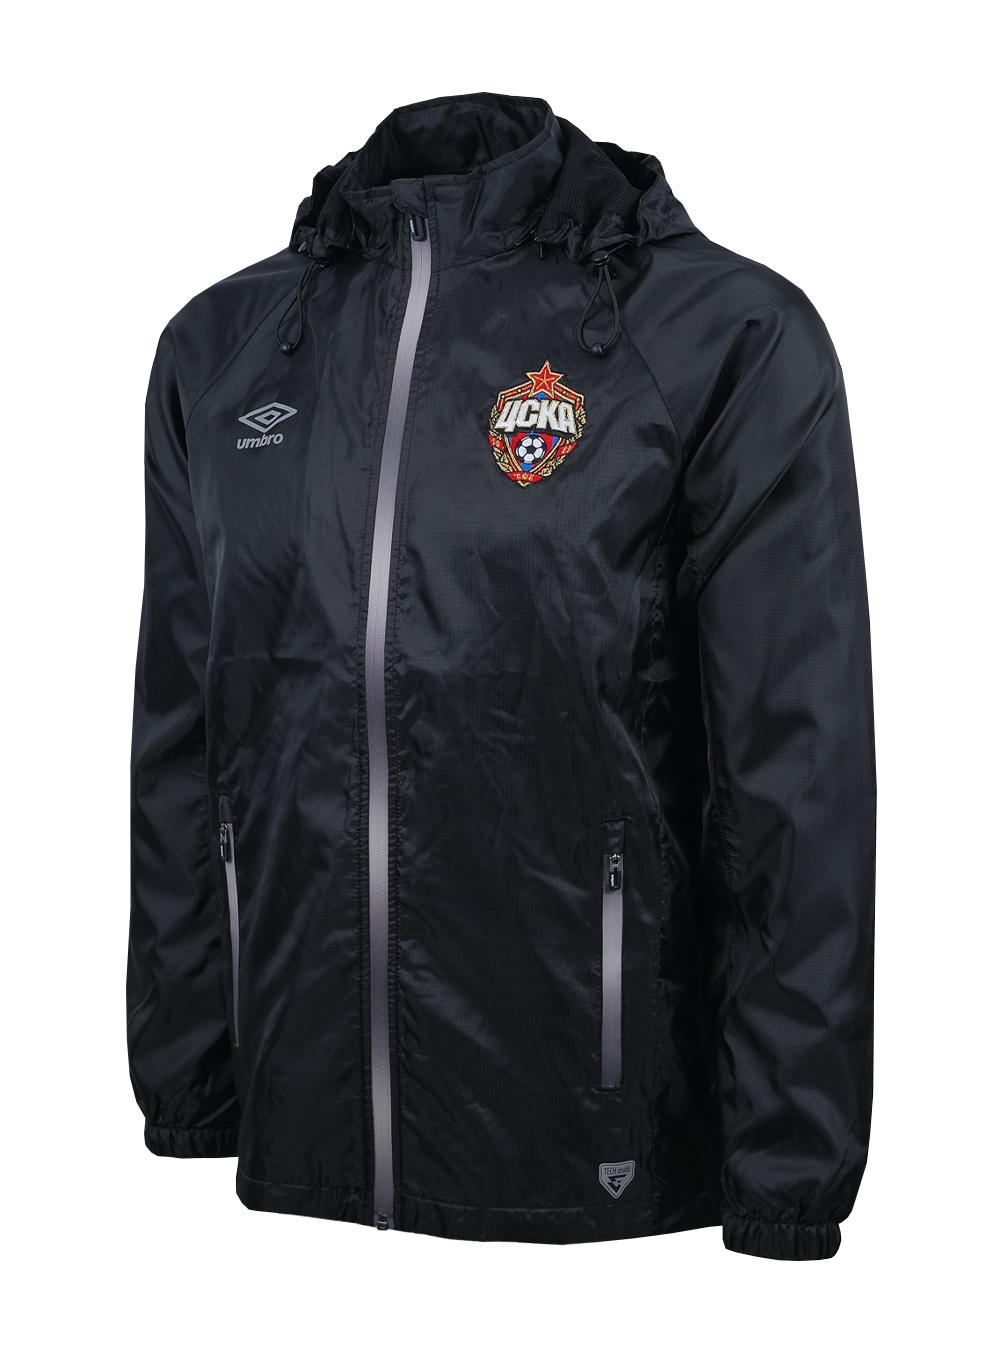 Купить Костюм ветрозащитный (куртка), черный/серебро (XL) по Нижнему Новгороду